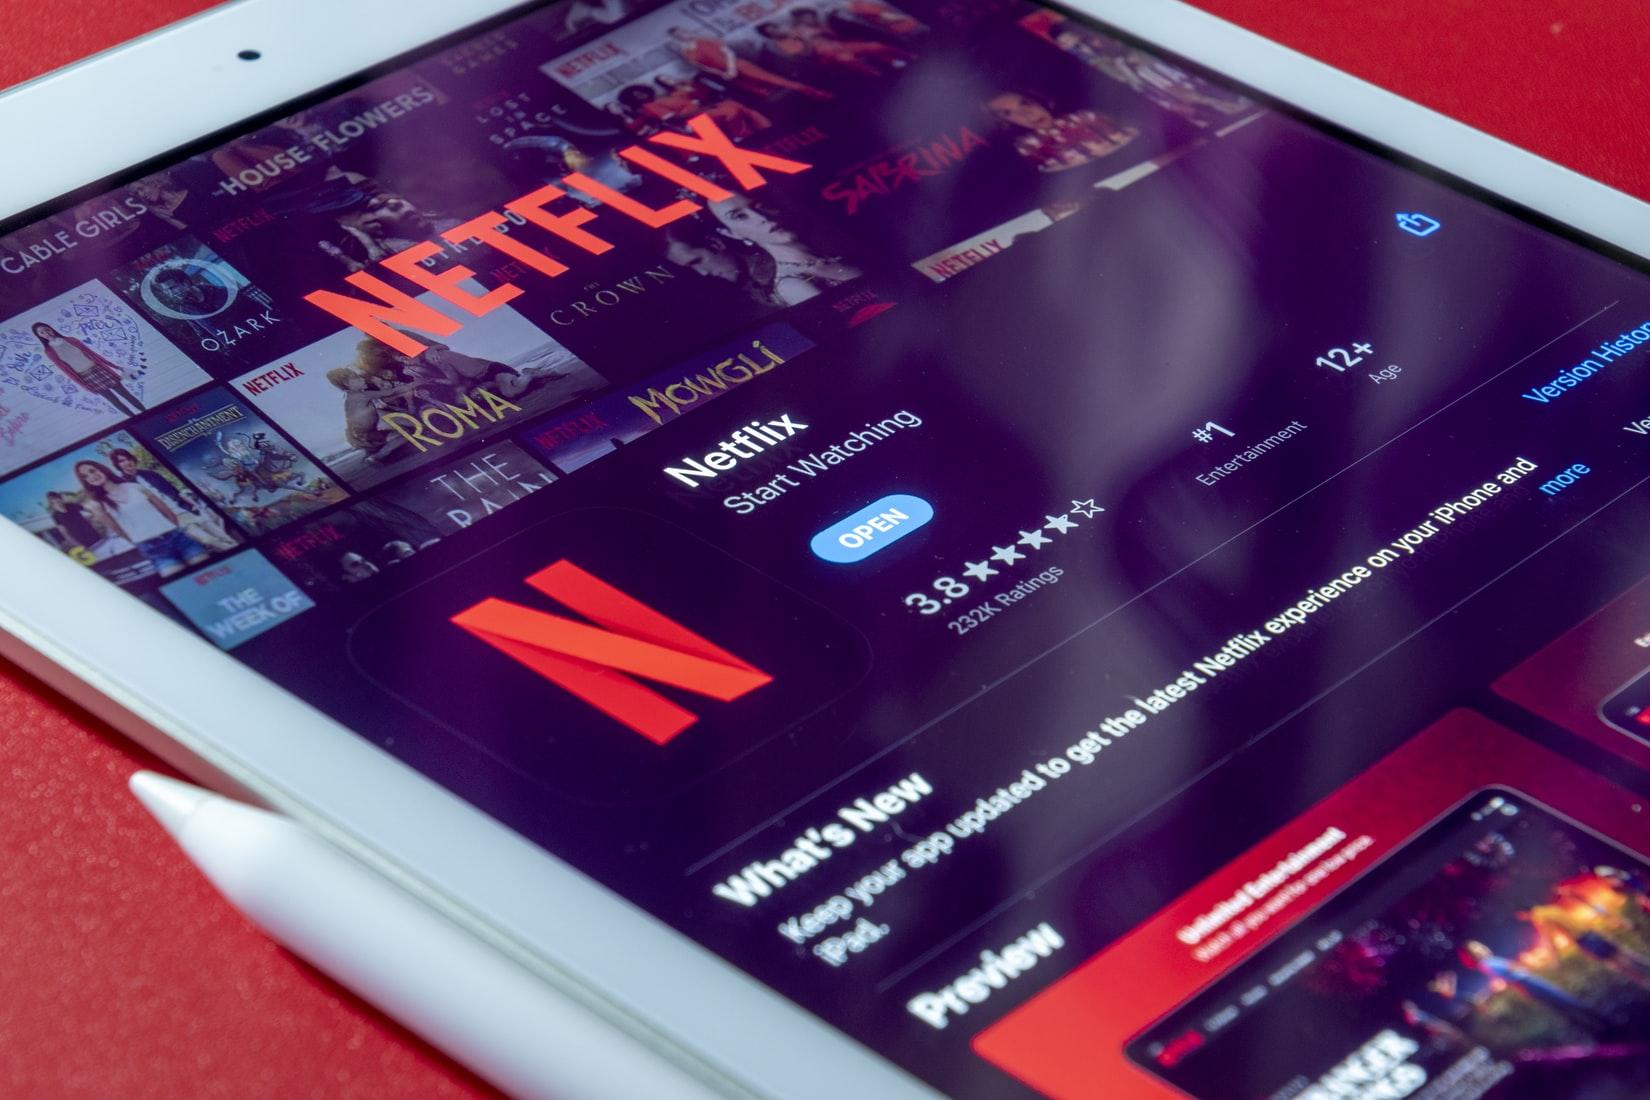 Tutto sullo streaming digitale: piattaforme, utilizzi e novità online